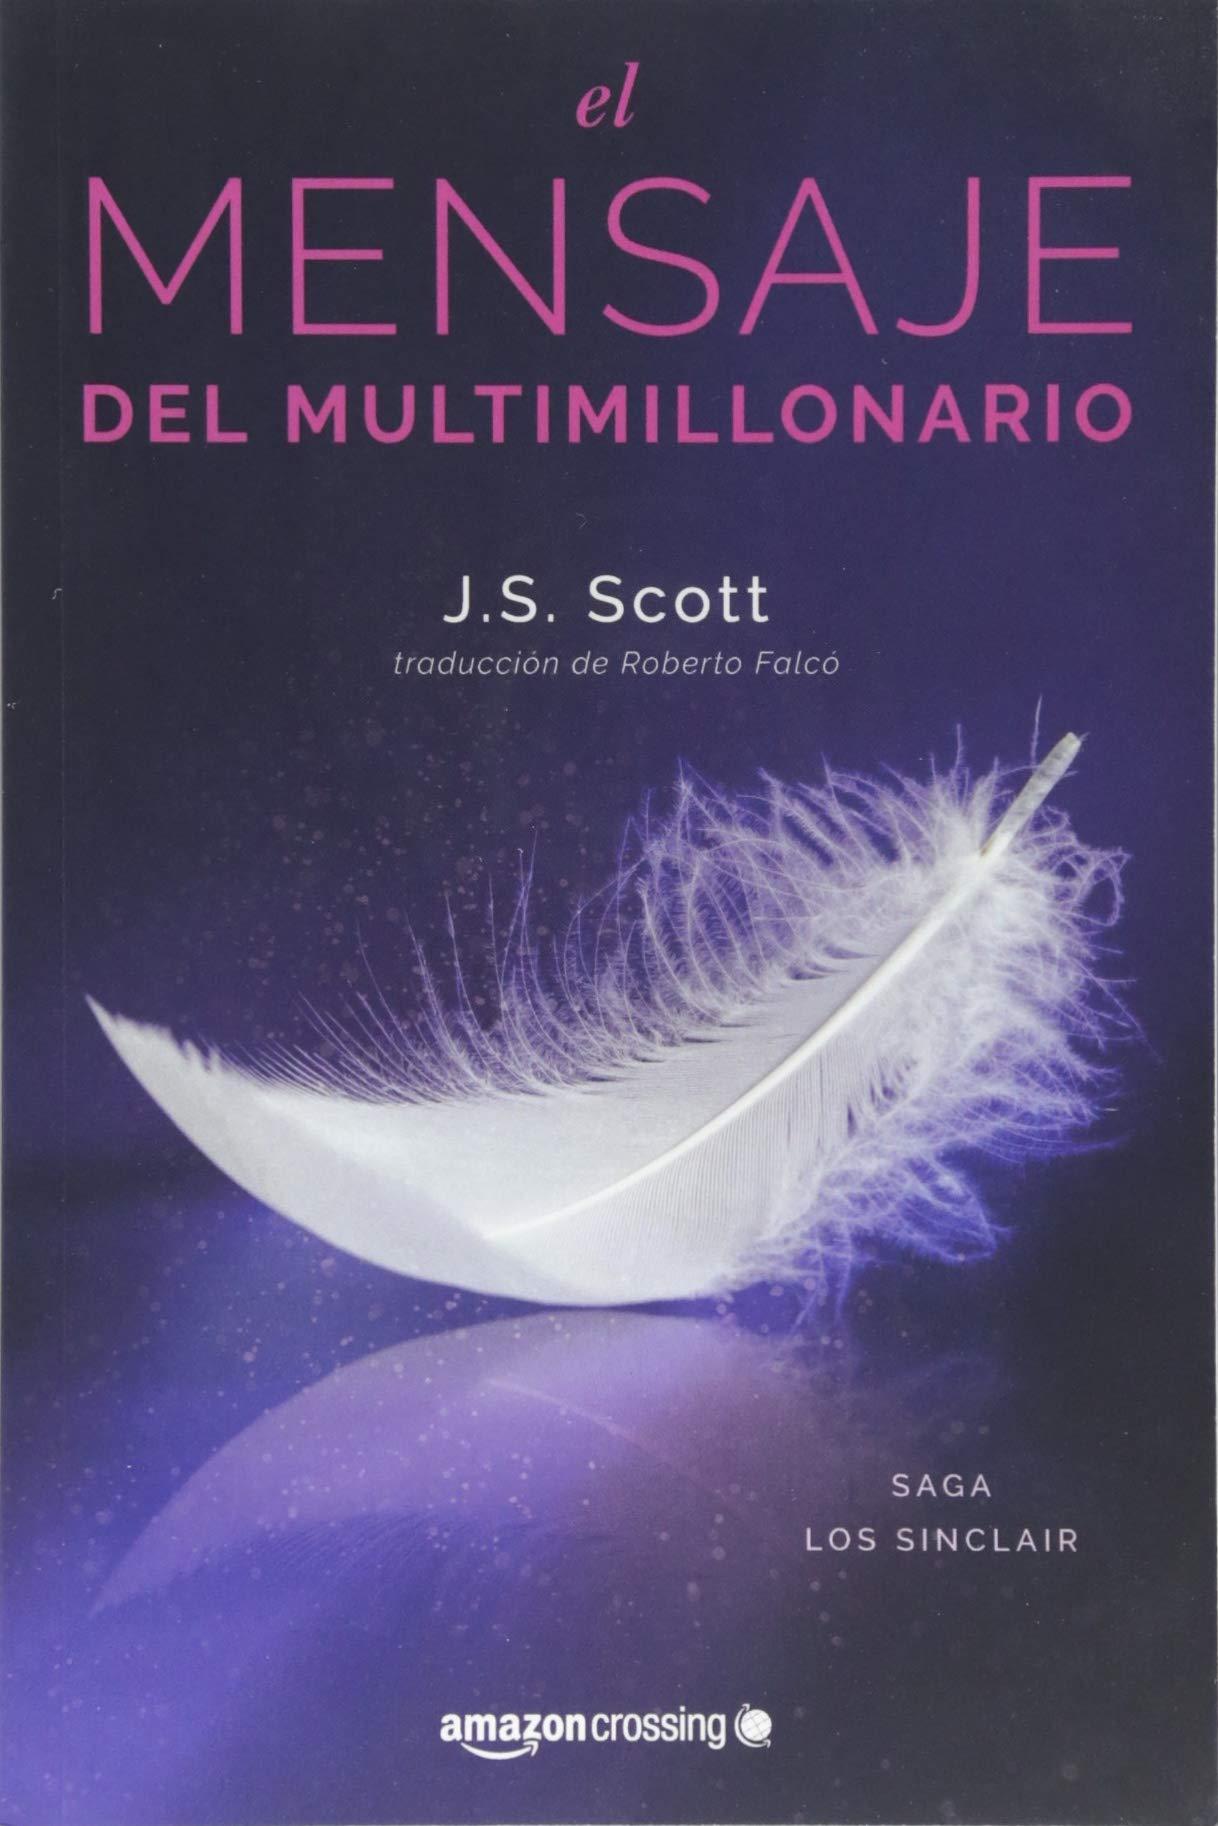 El mensaje del multimillonario (Los Sinclair): Amazon.es: J. S. Scott,  Roberto Falcó Miramontes: Libros